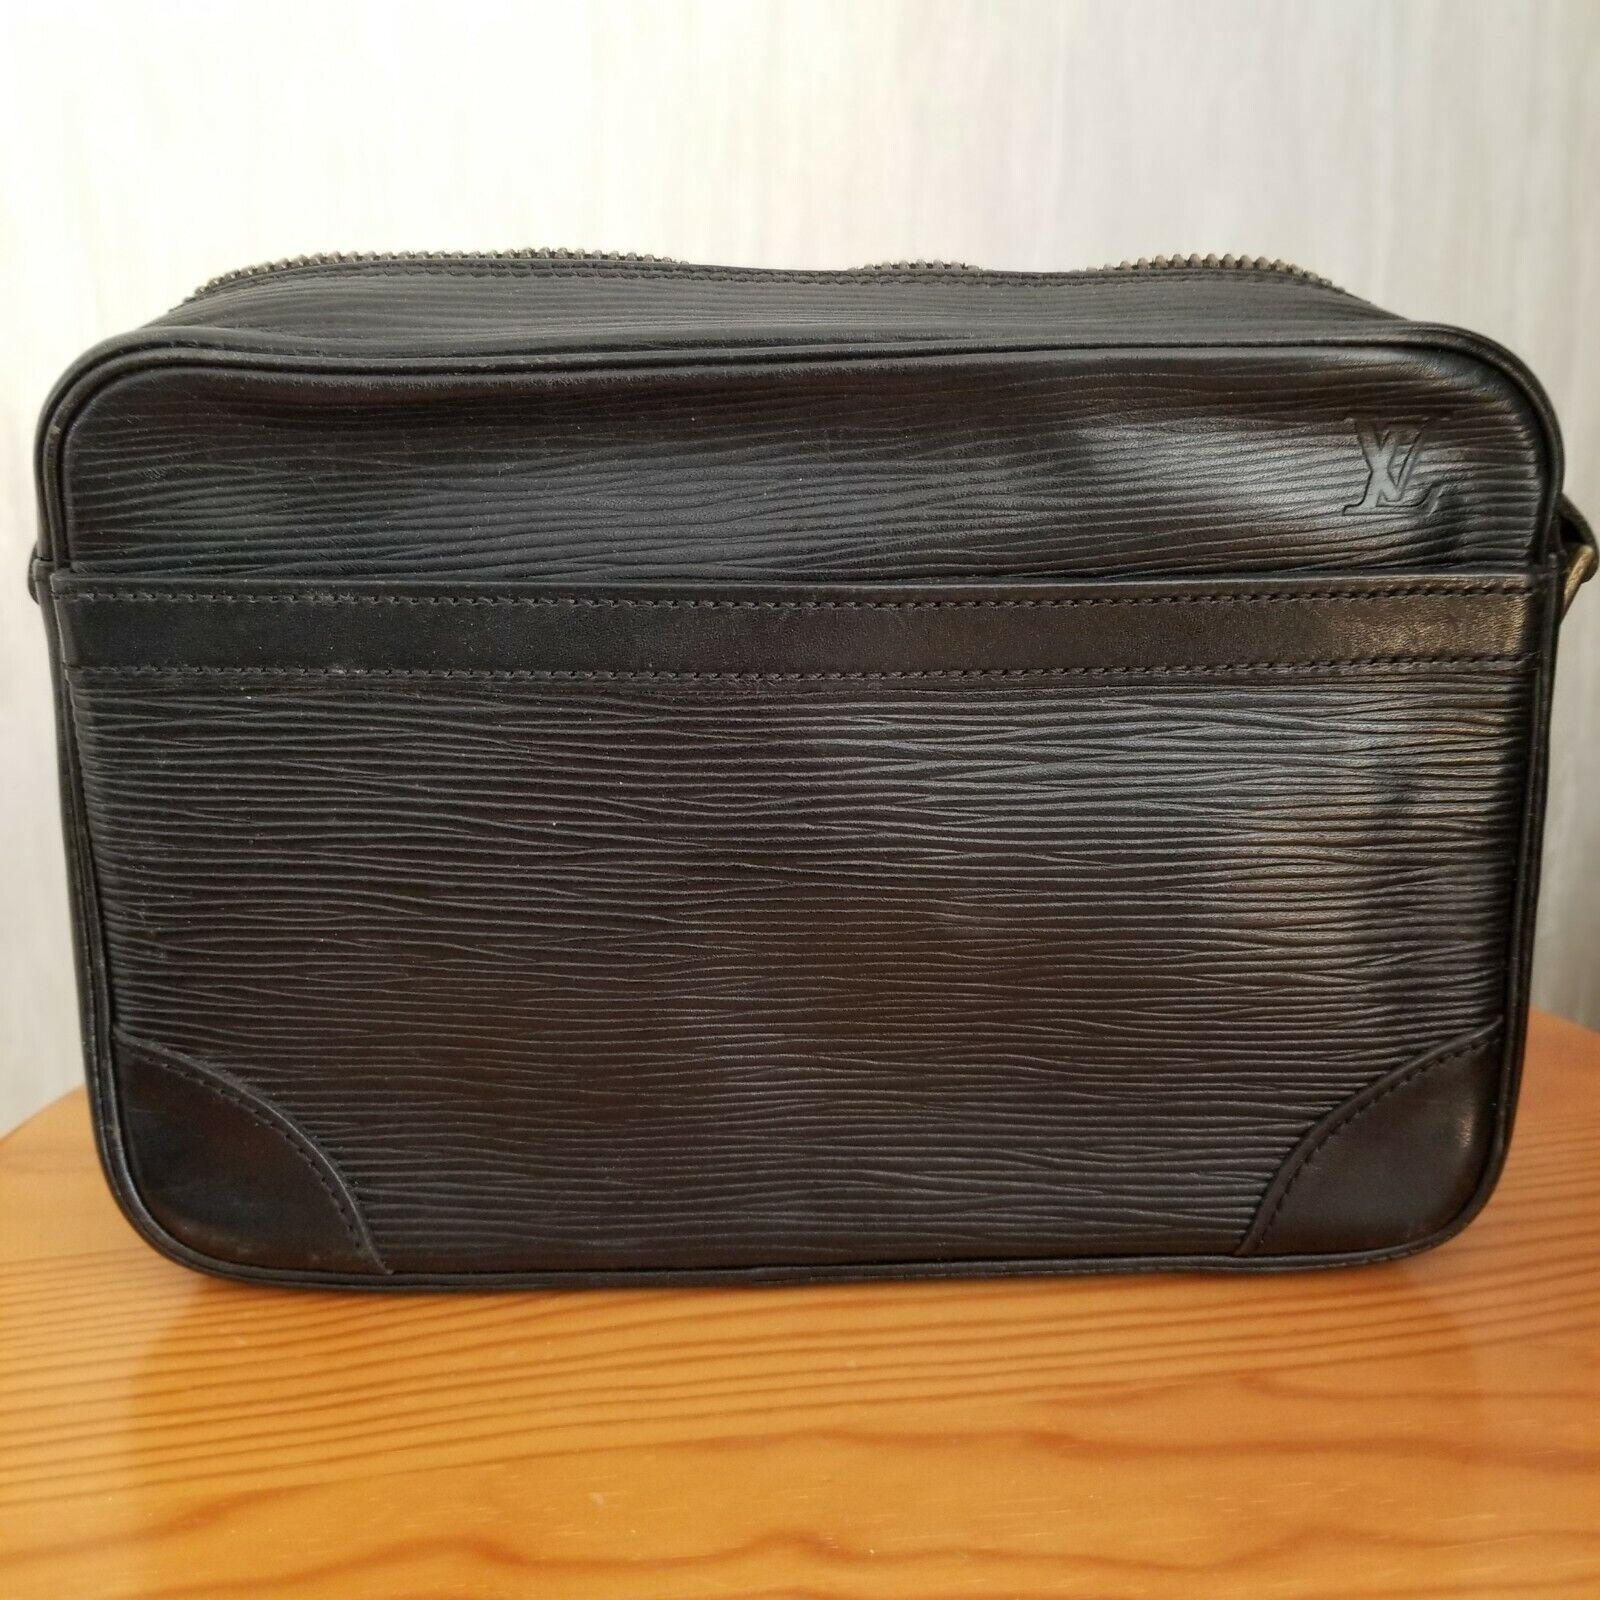 Louis vuitton sac à main cuir epi noir / années 90 authentique